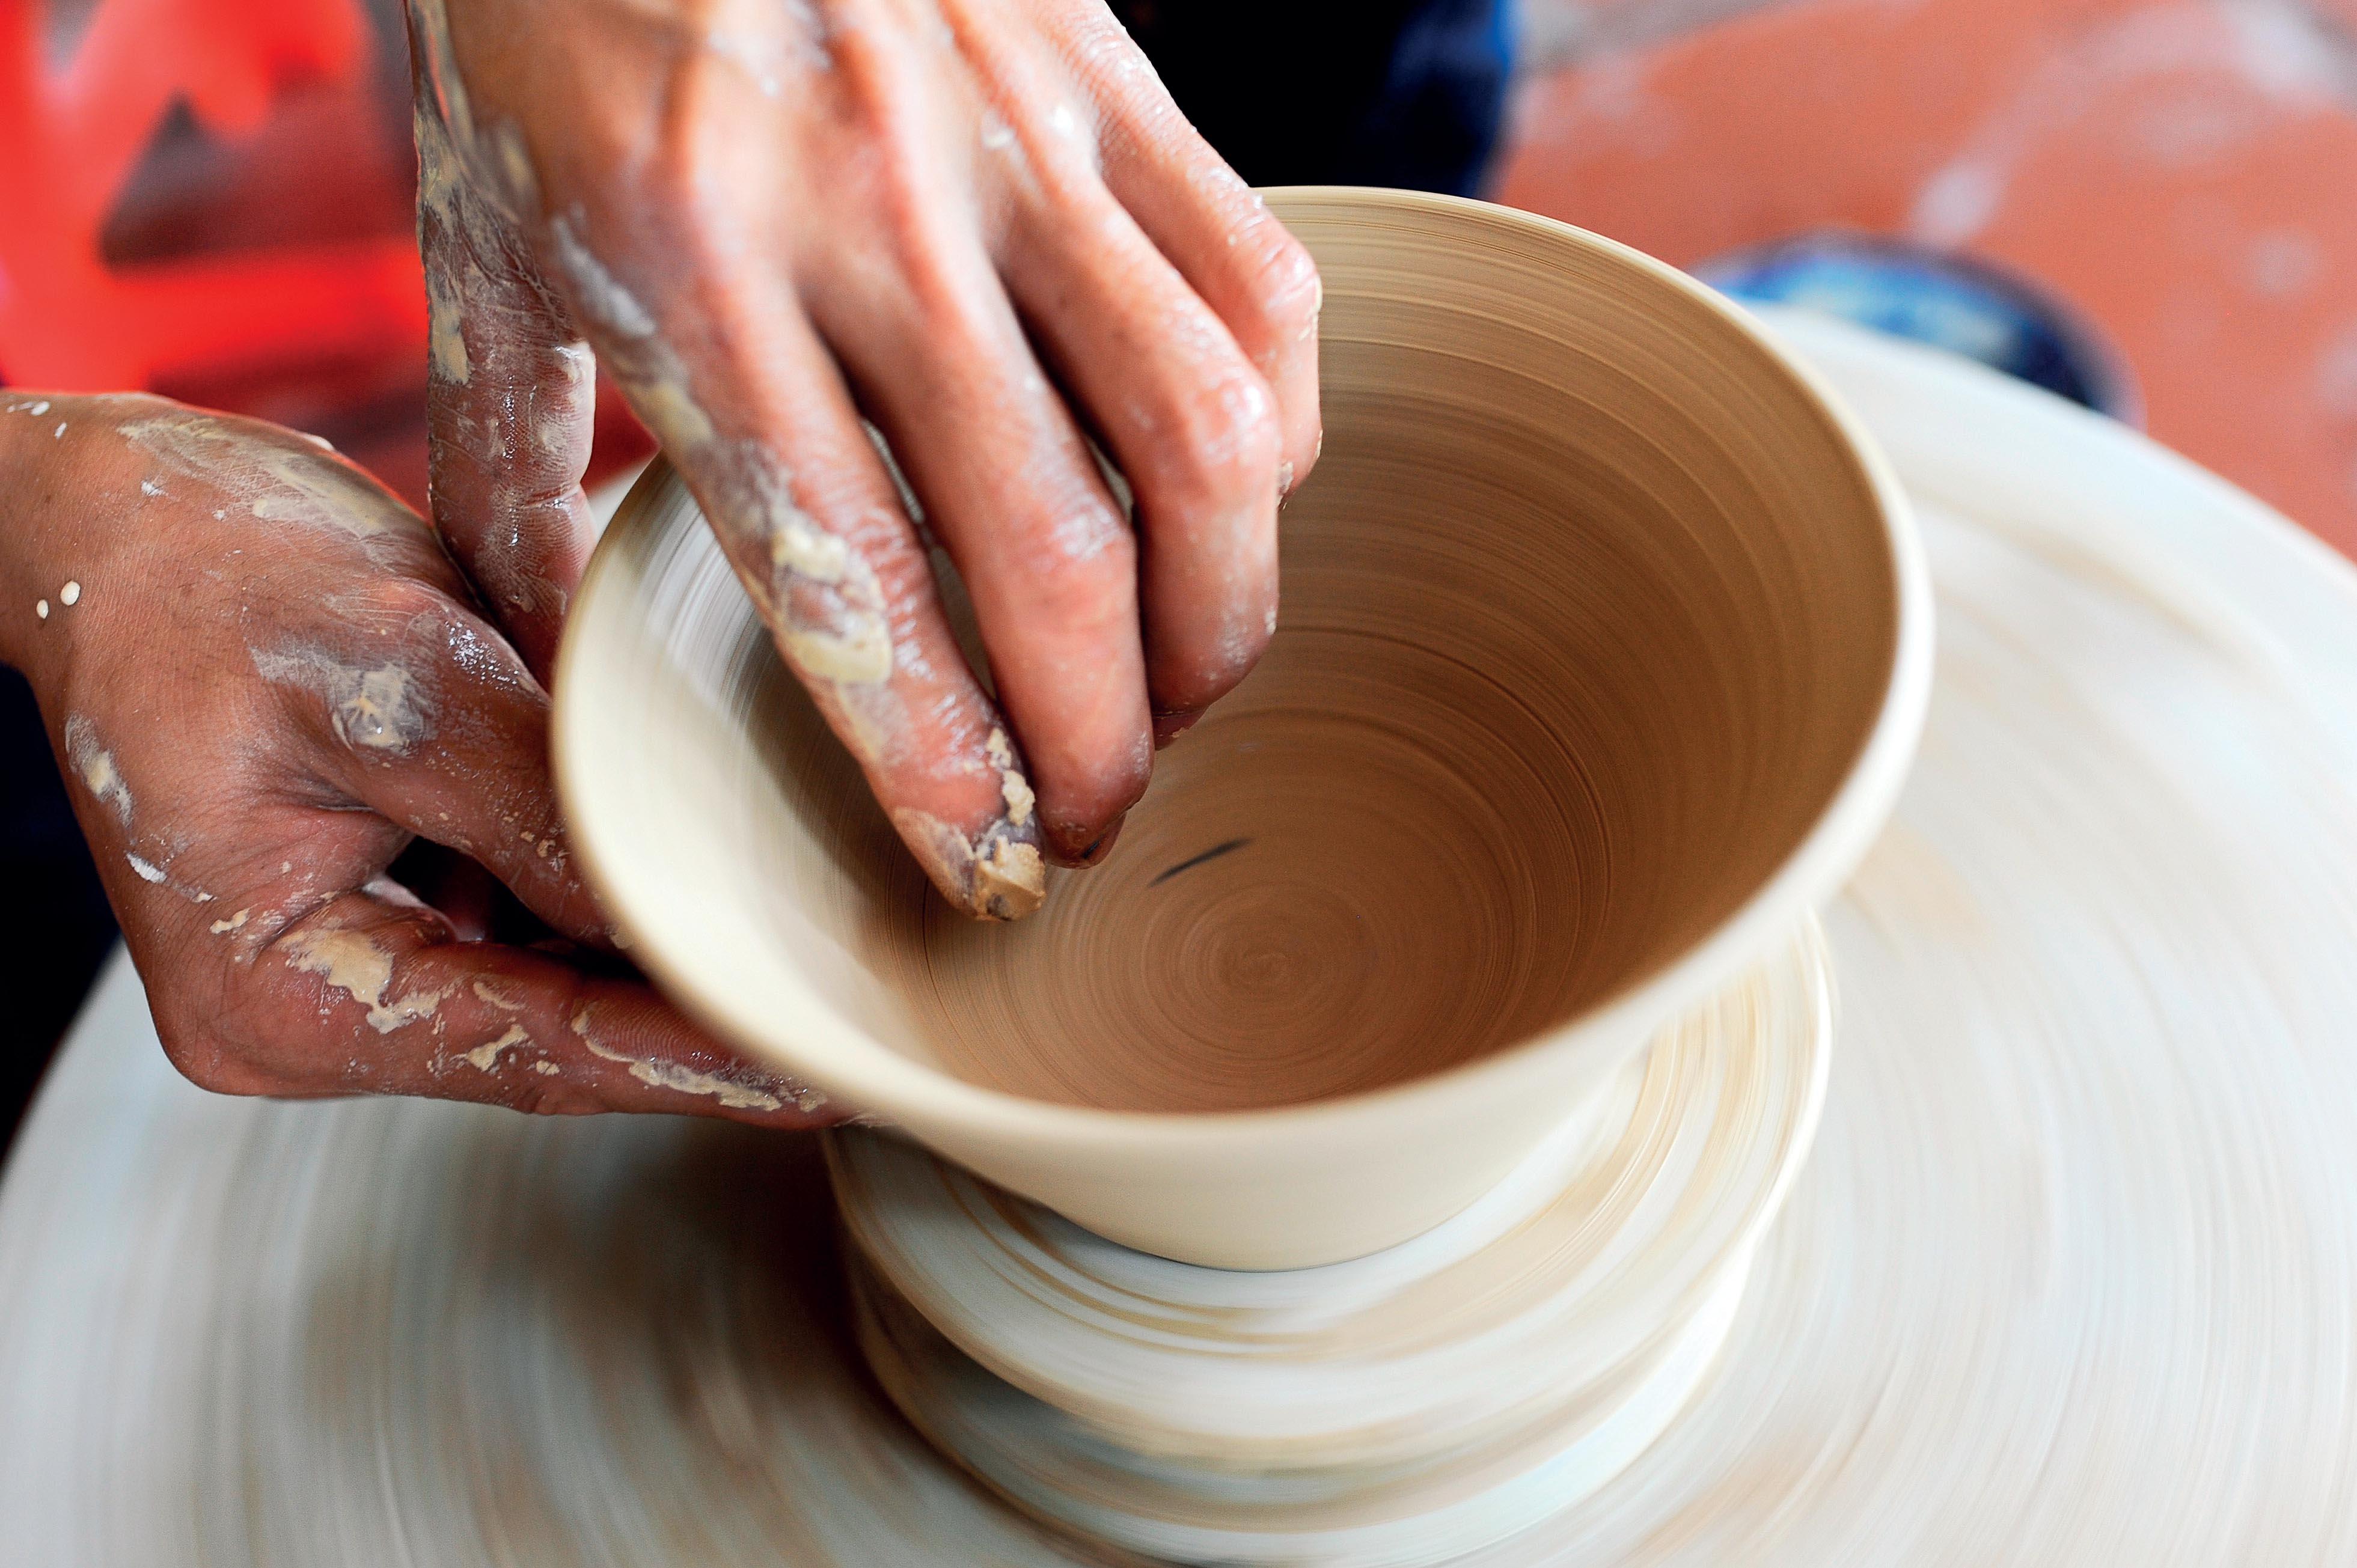 Cận cảnh làm gốm ở Bát Tràng